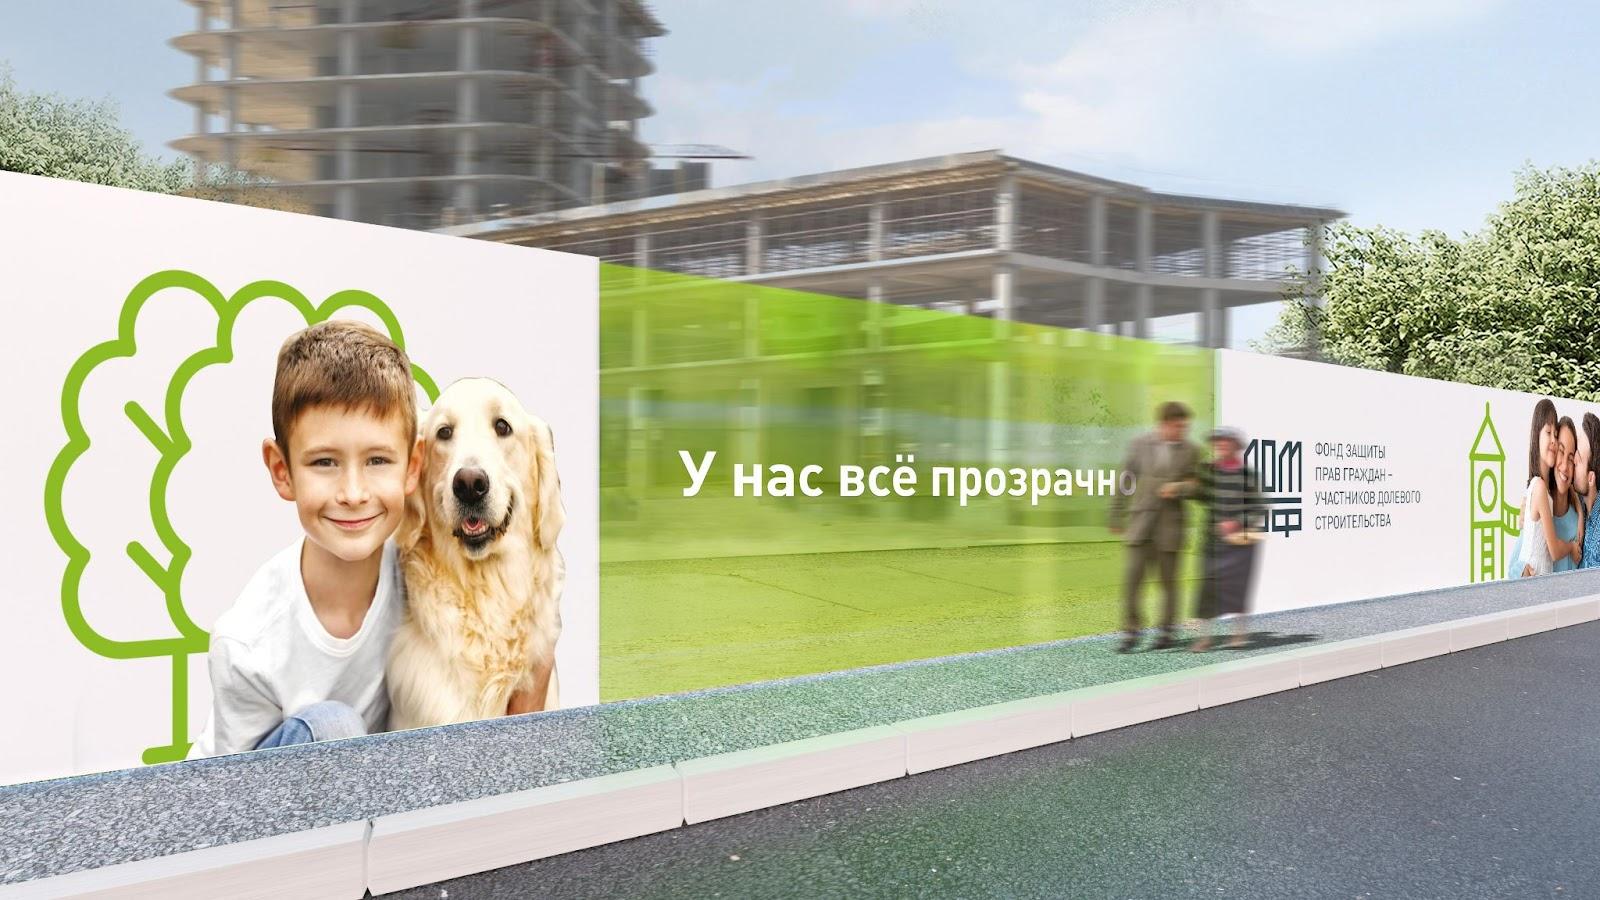 Стандарты оформления строительных площадок для ДОМ.РФ